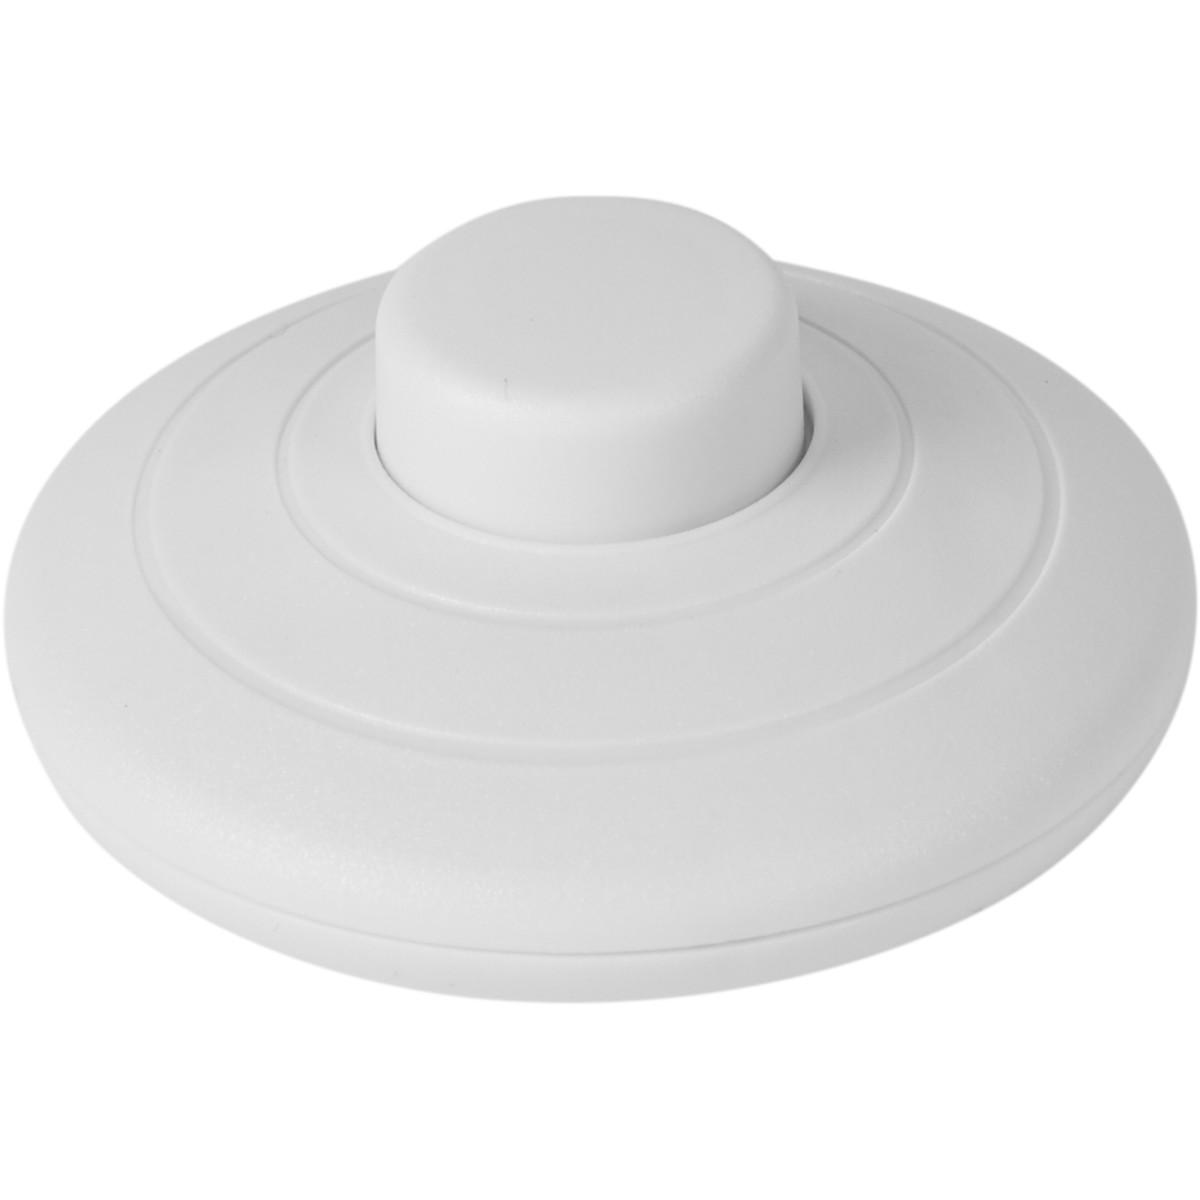 Выключатель ножной Oxion цвет белый